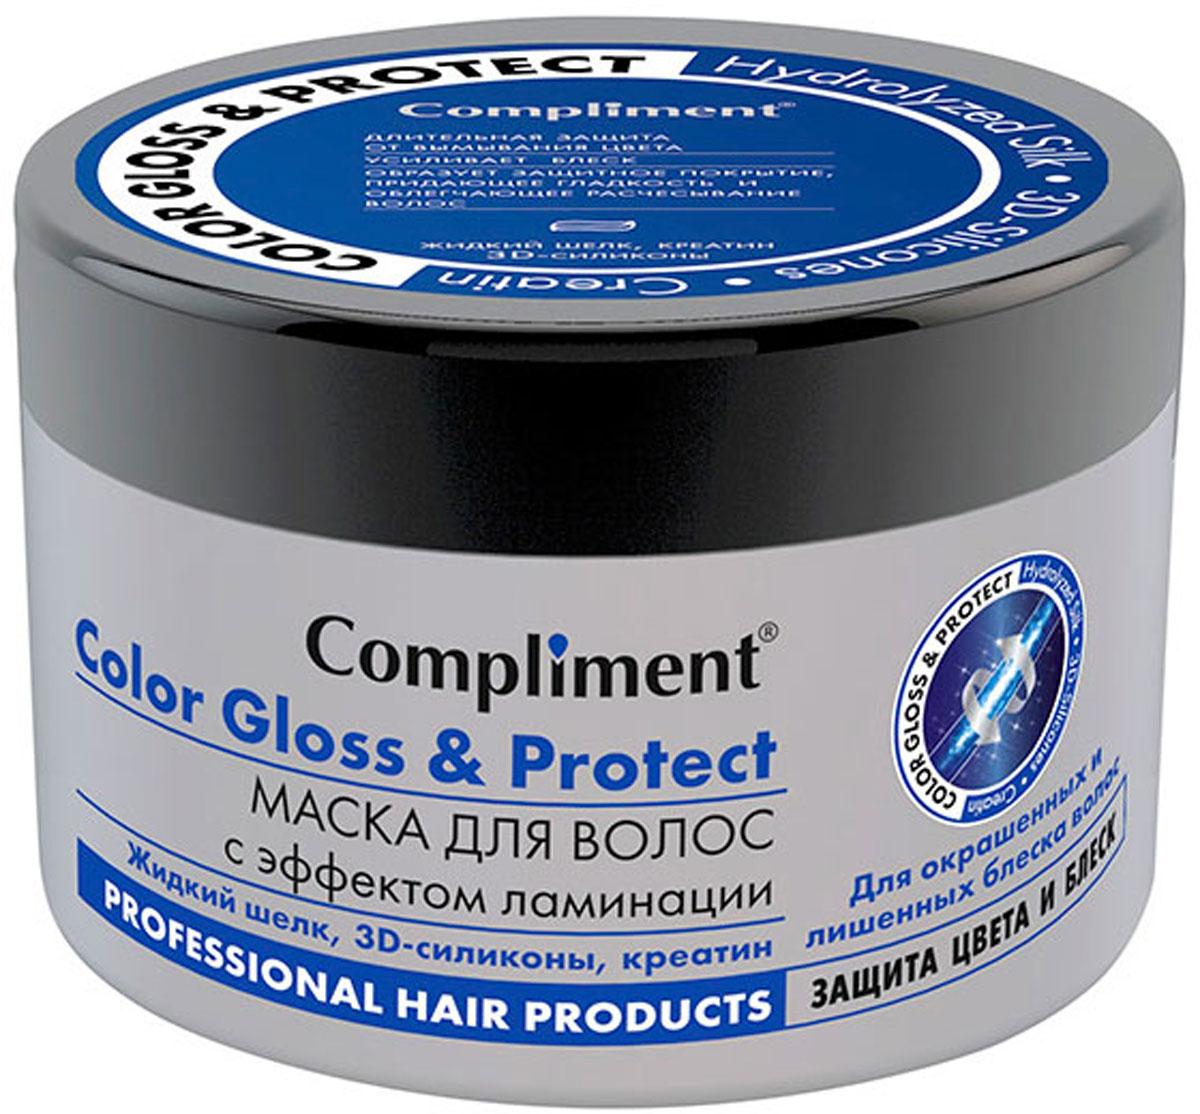 Compliment Маска для волос Color Gloss с эффектом ламинирования, 500 мл compliment спрей сыворотка разглаживающая с эффектом ламинирования 200 мл